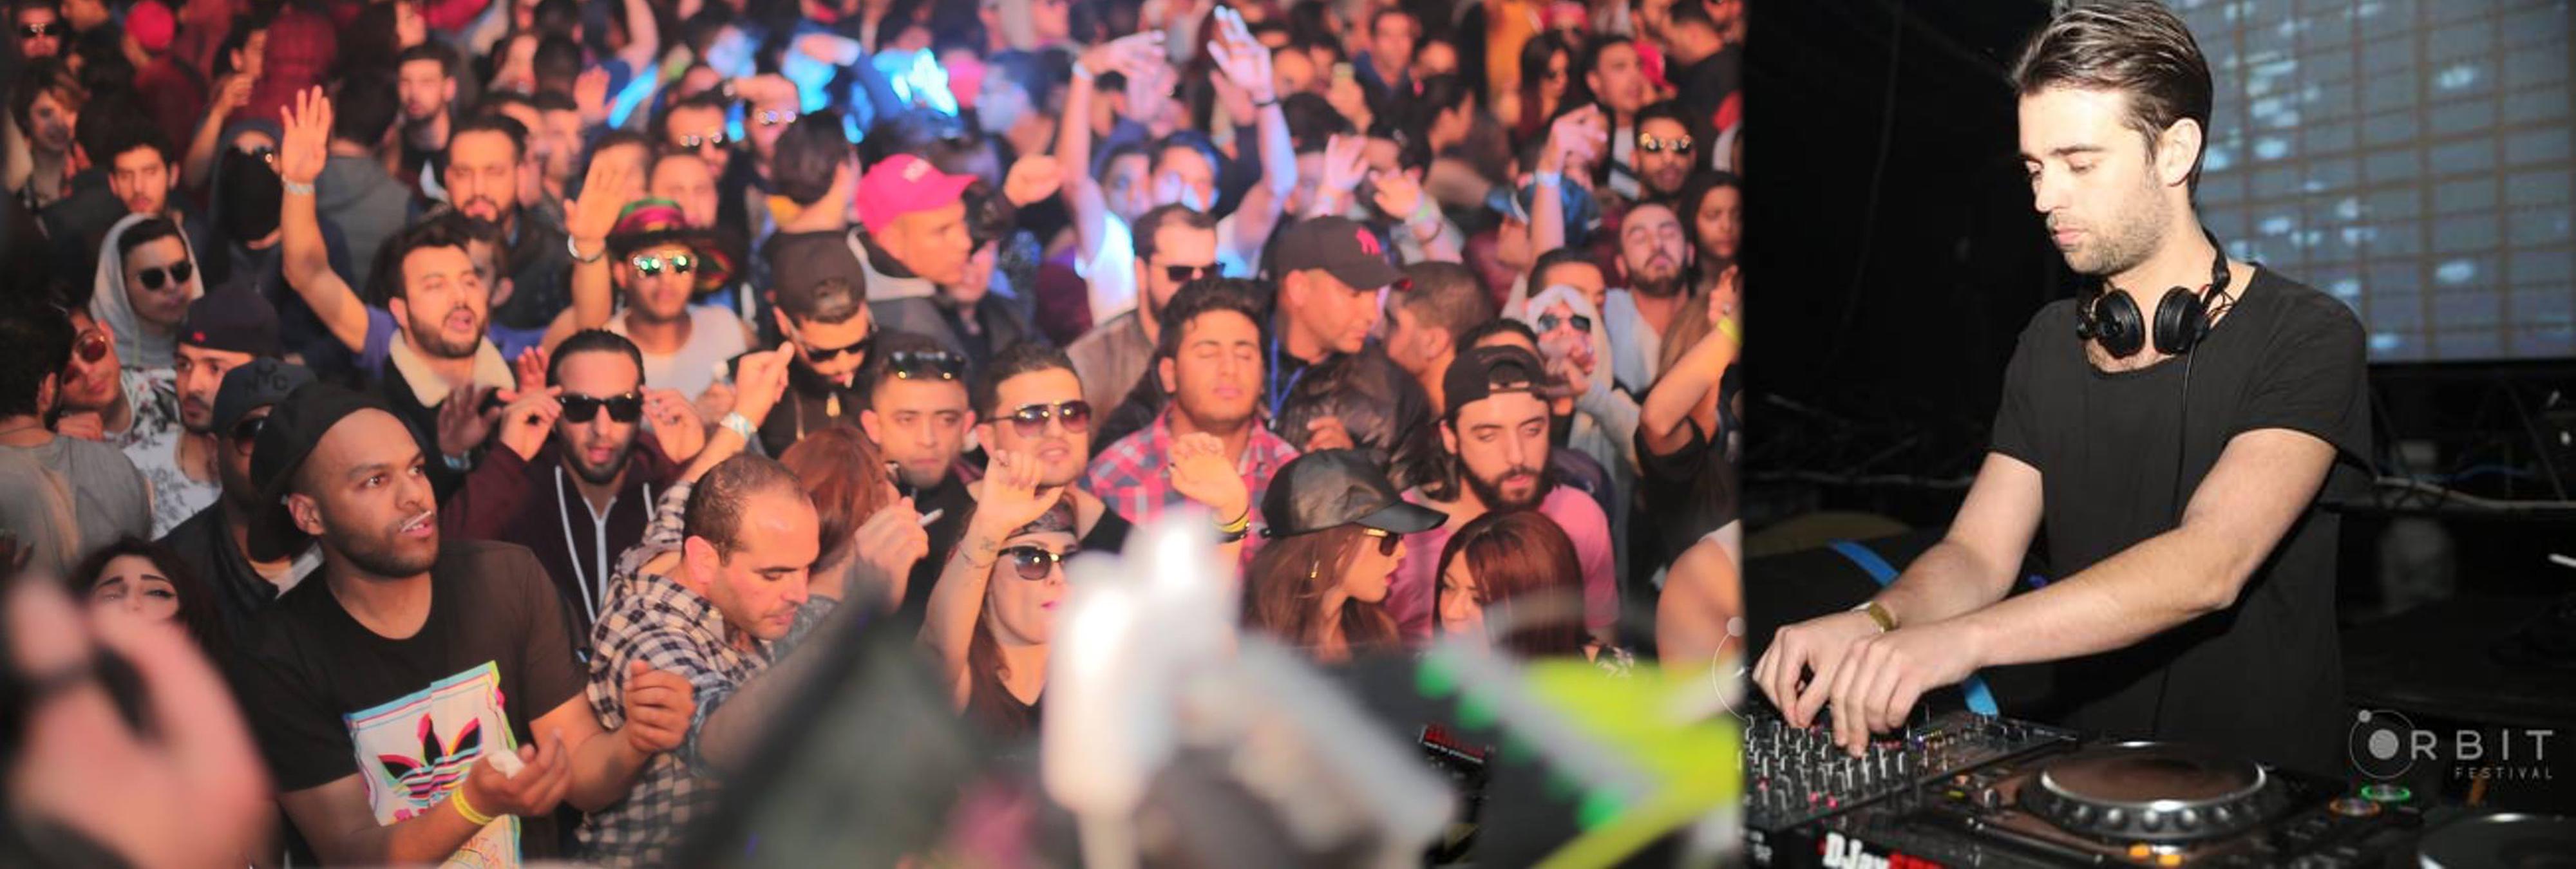 Clausuran entre amenazas de muerte una discoteca de Túnez por mezclar 'techno' con la llamada a la oración